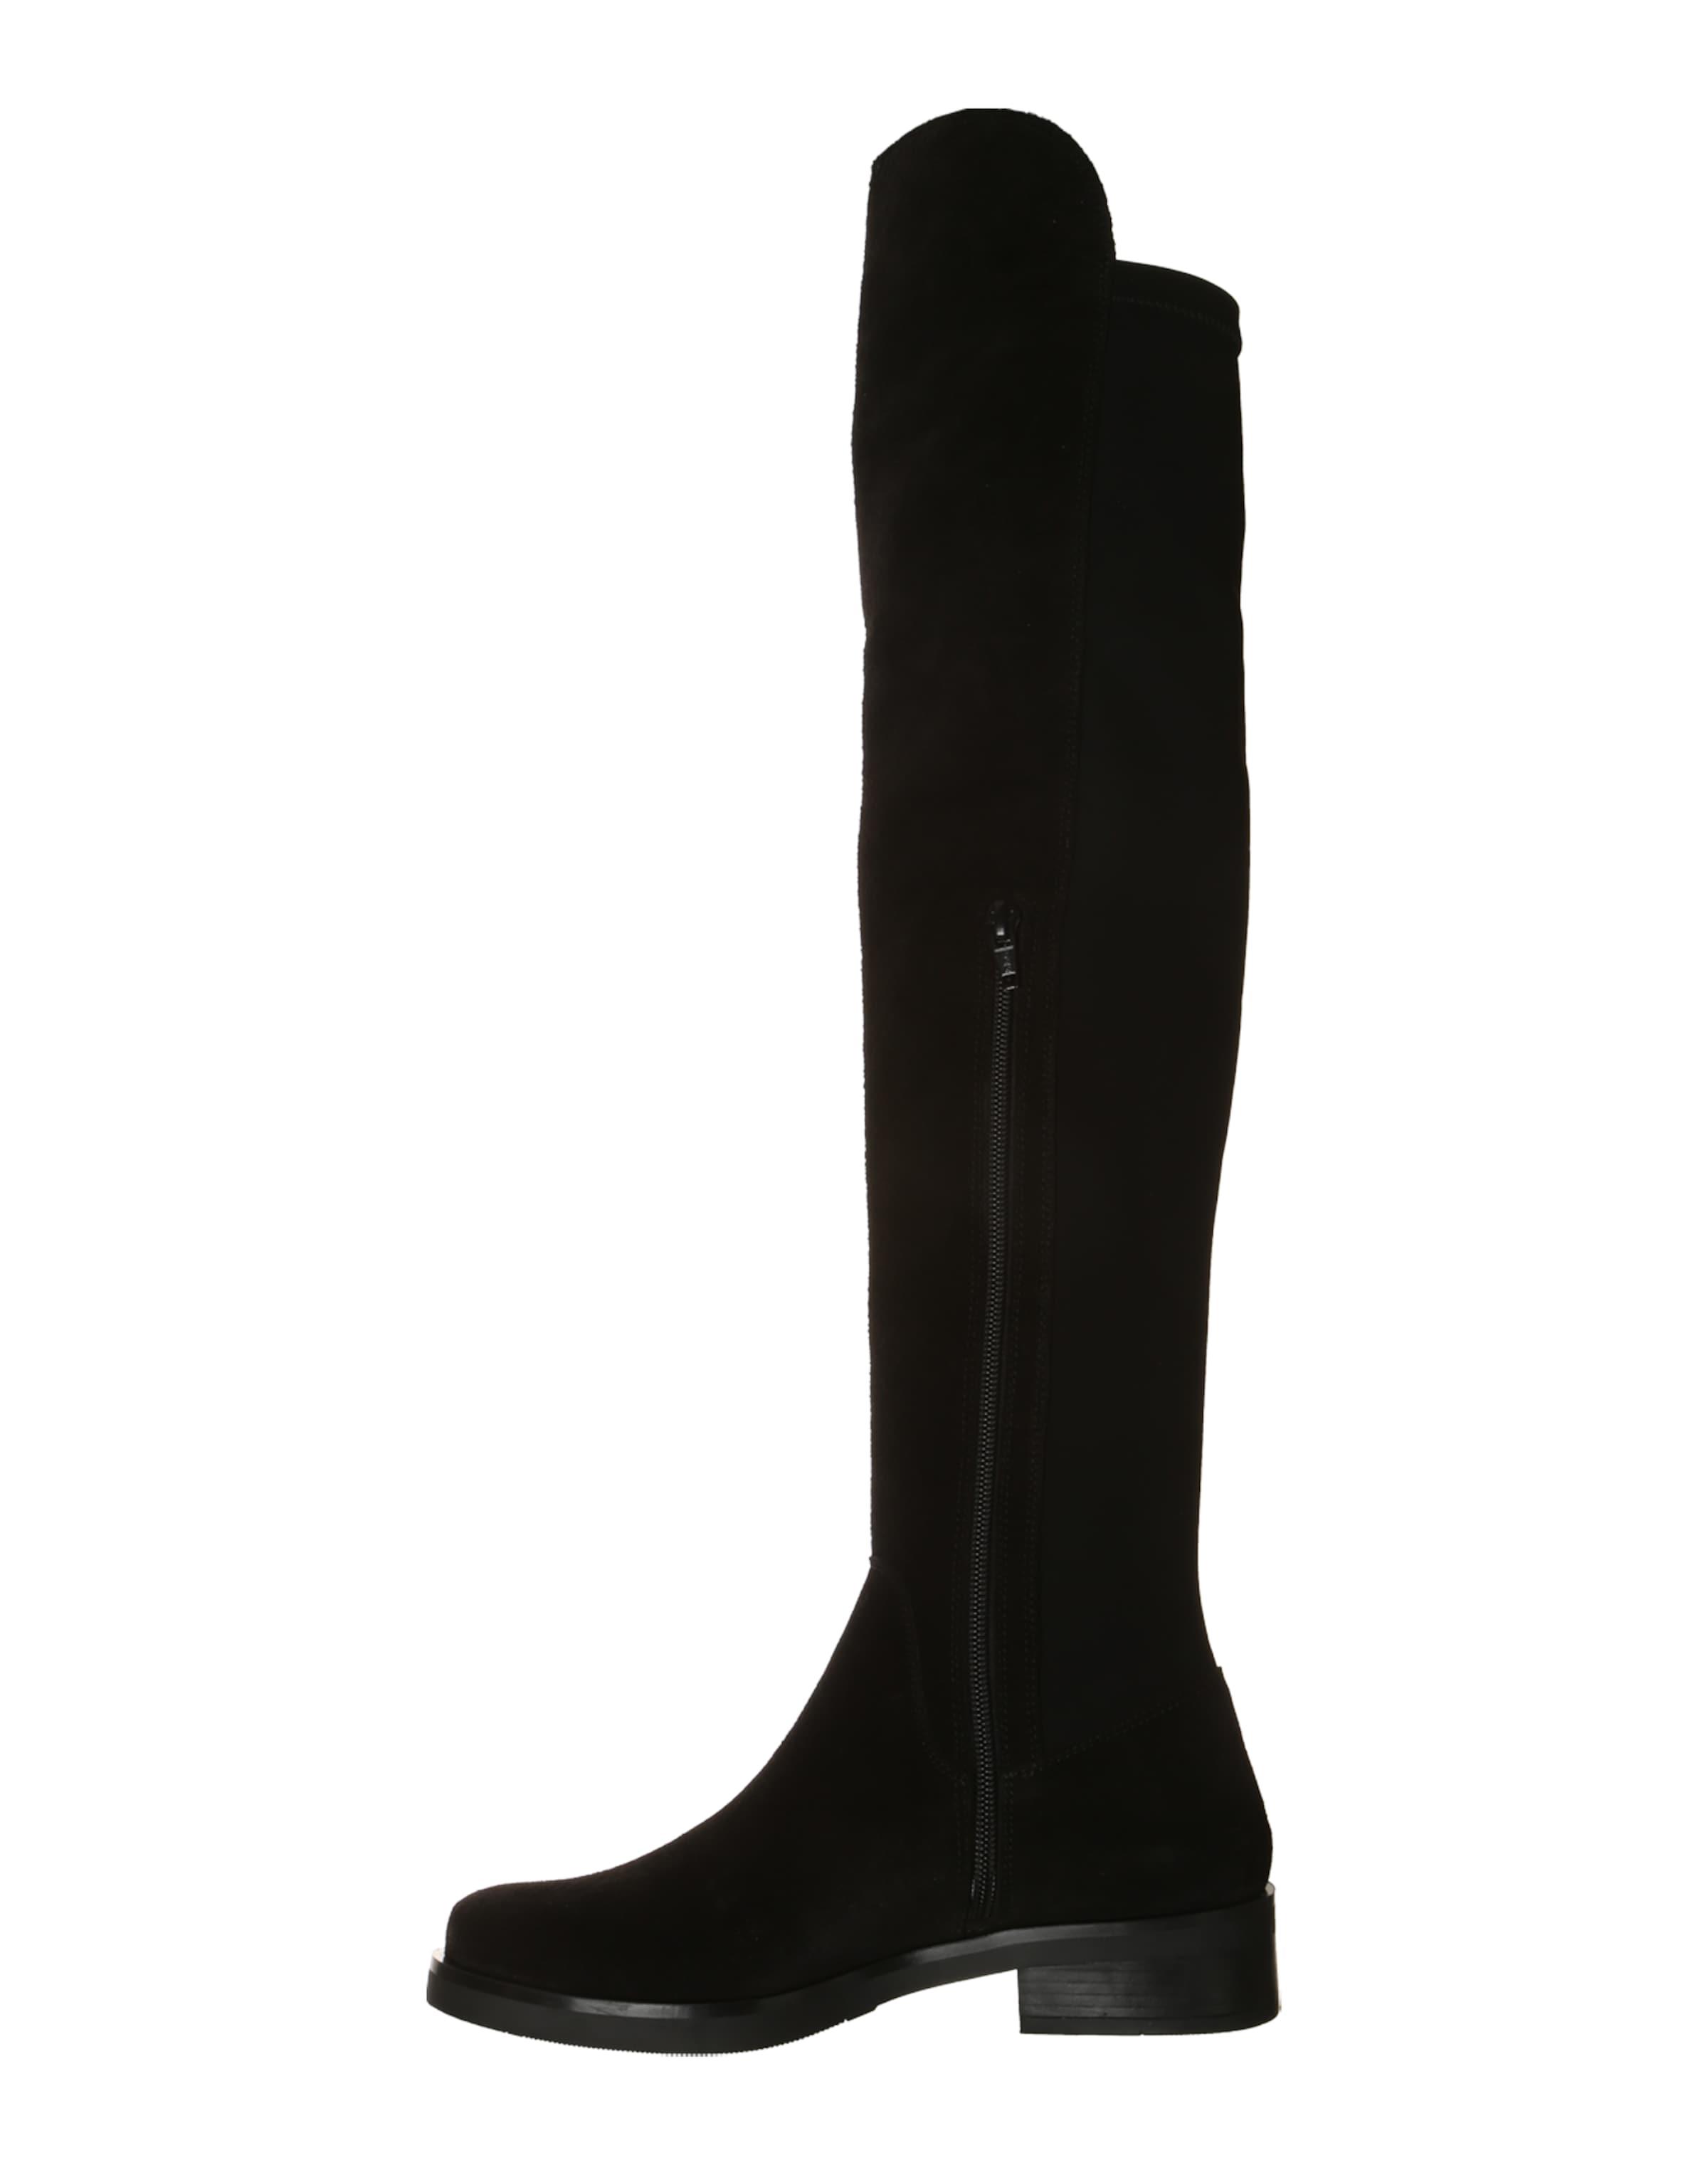 BUFFALO Overknee-Stiefel Leder, Kunststoff Verkaufen Sie Sie Sie saisonale Aktionen bdb75b